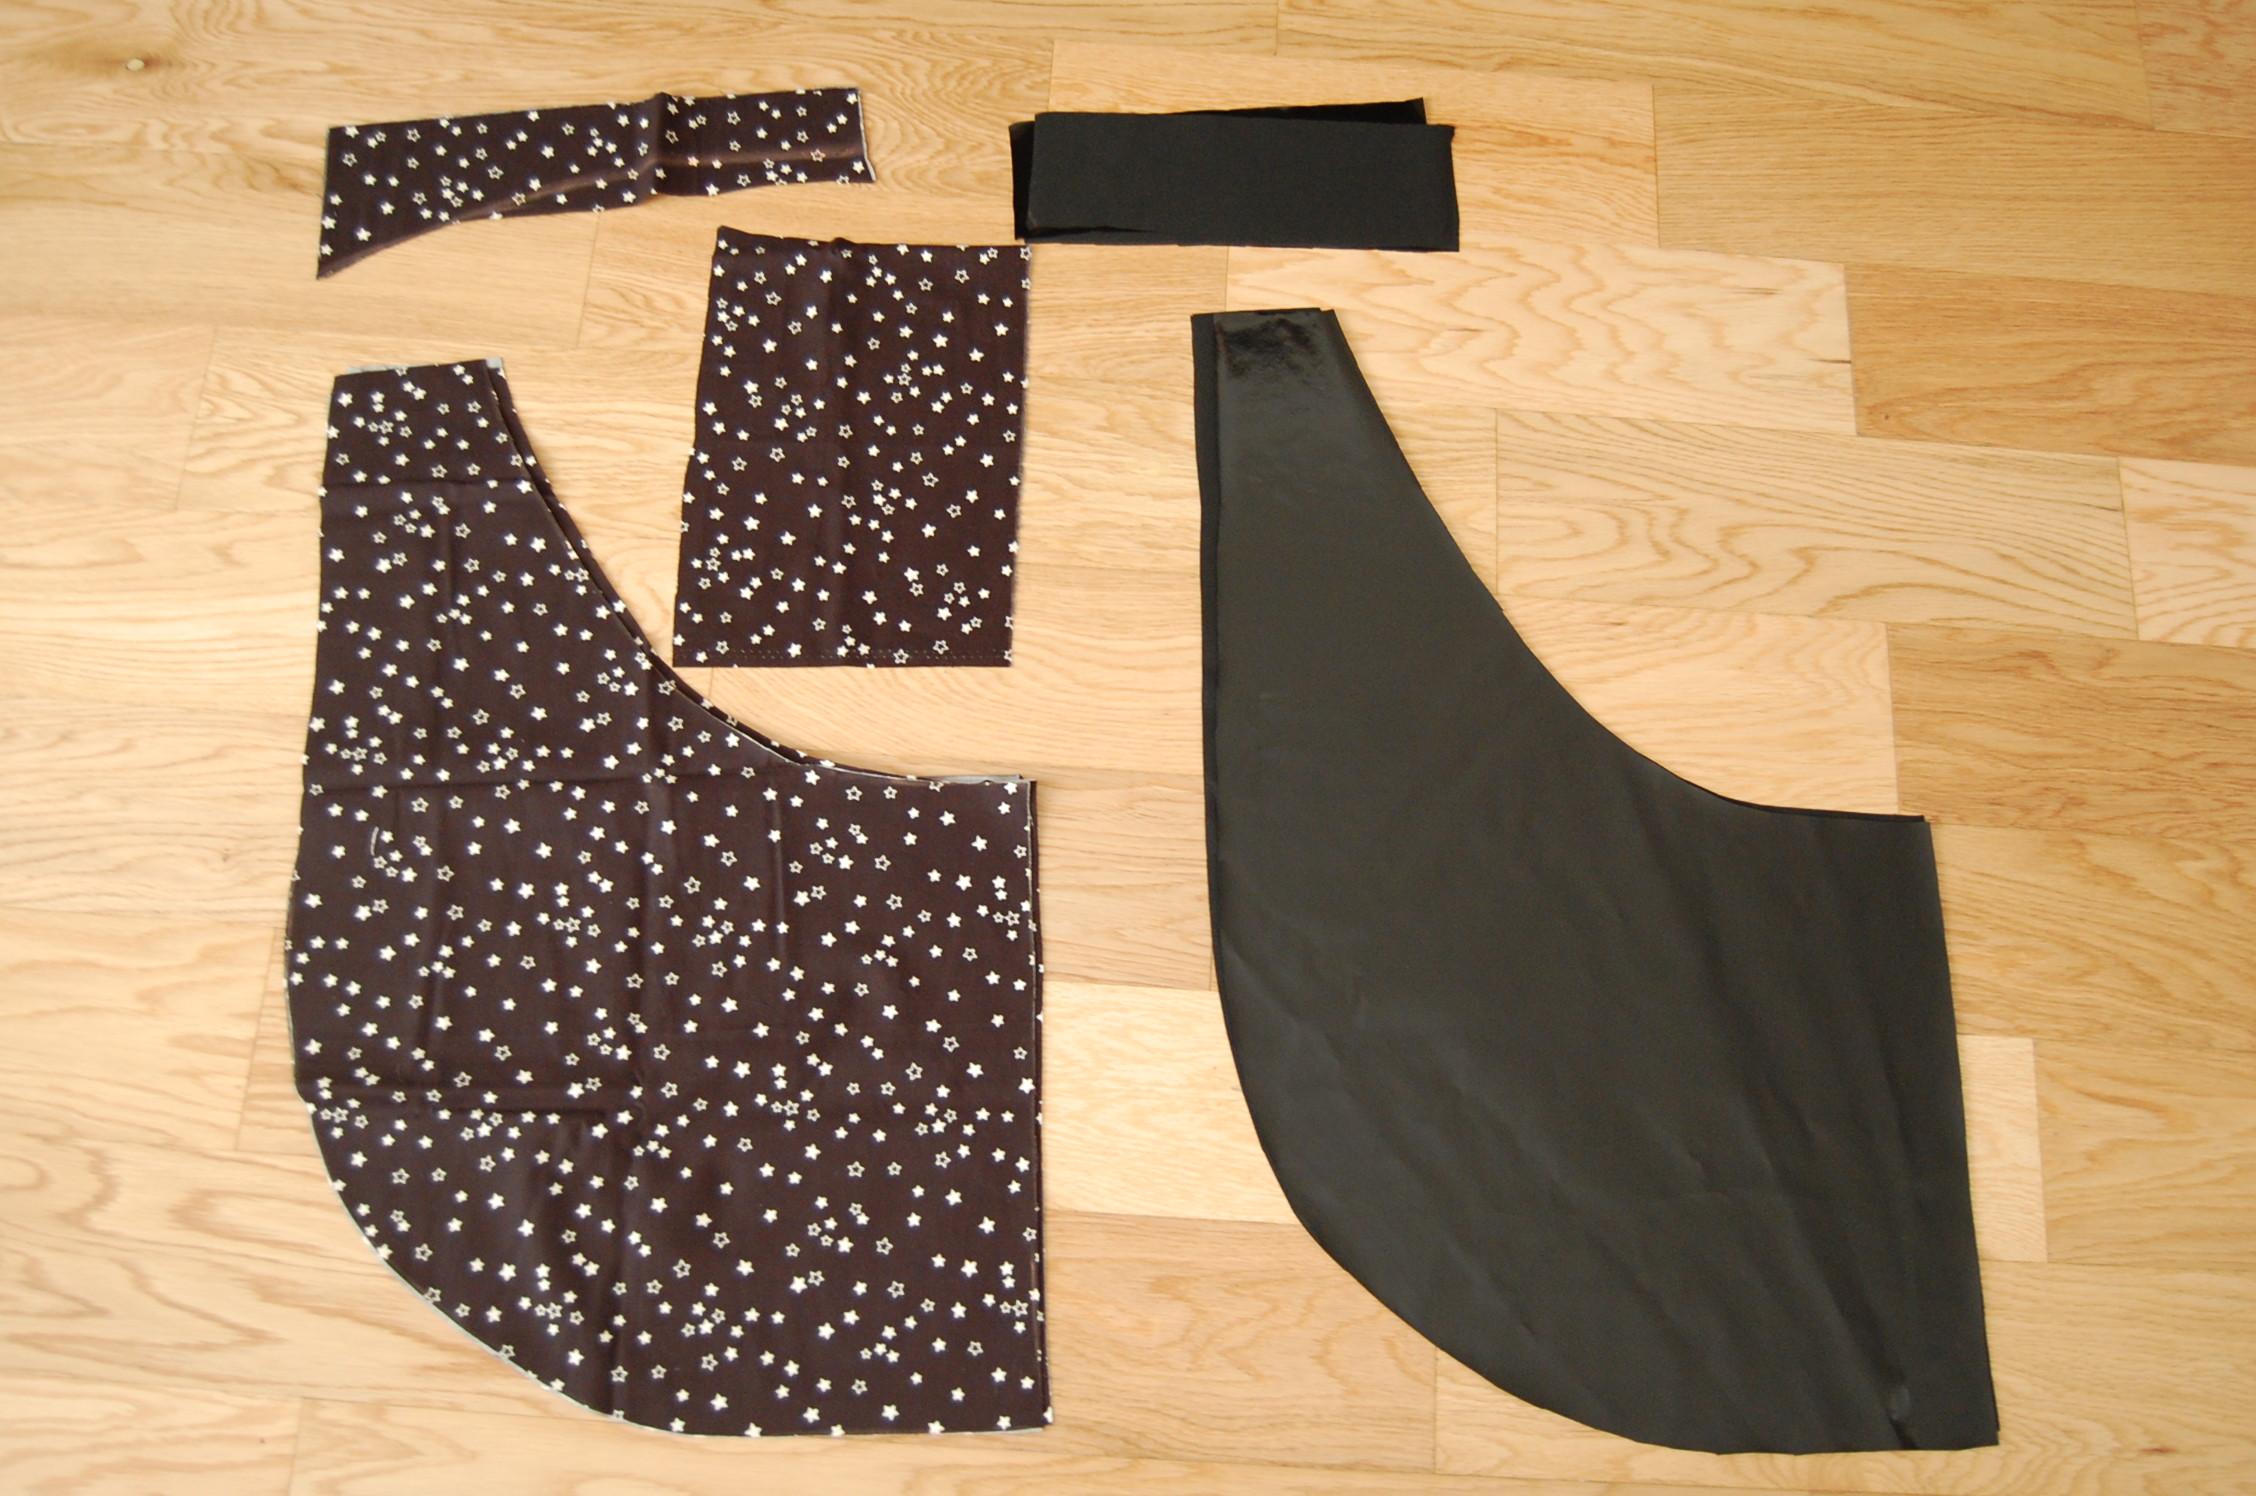 e848730573 Borse di stoffa fatte a mano cartamodelli